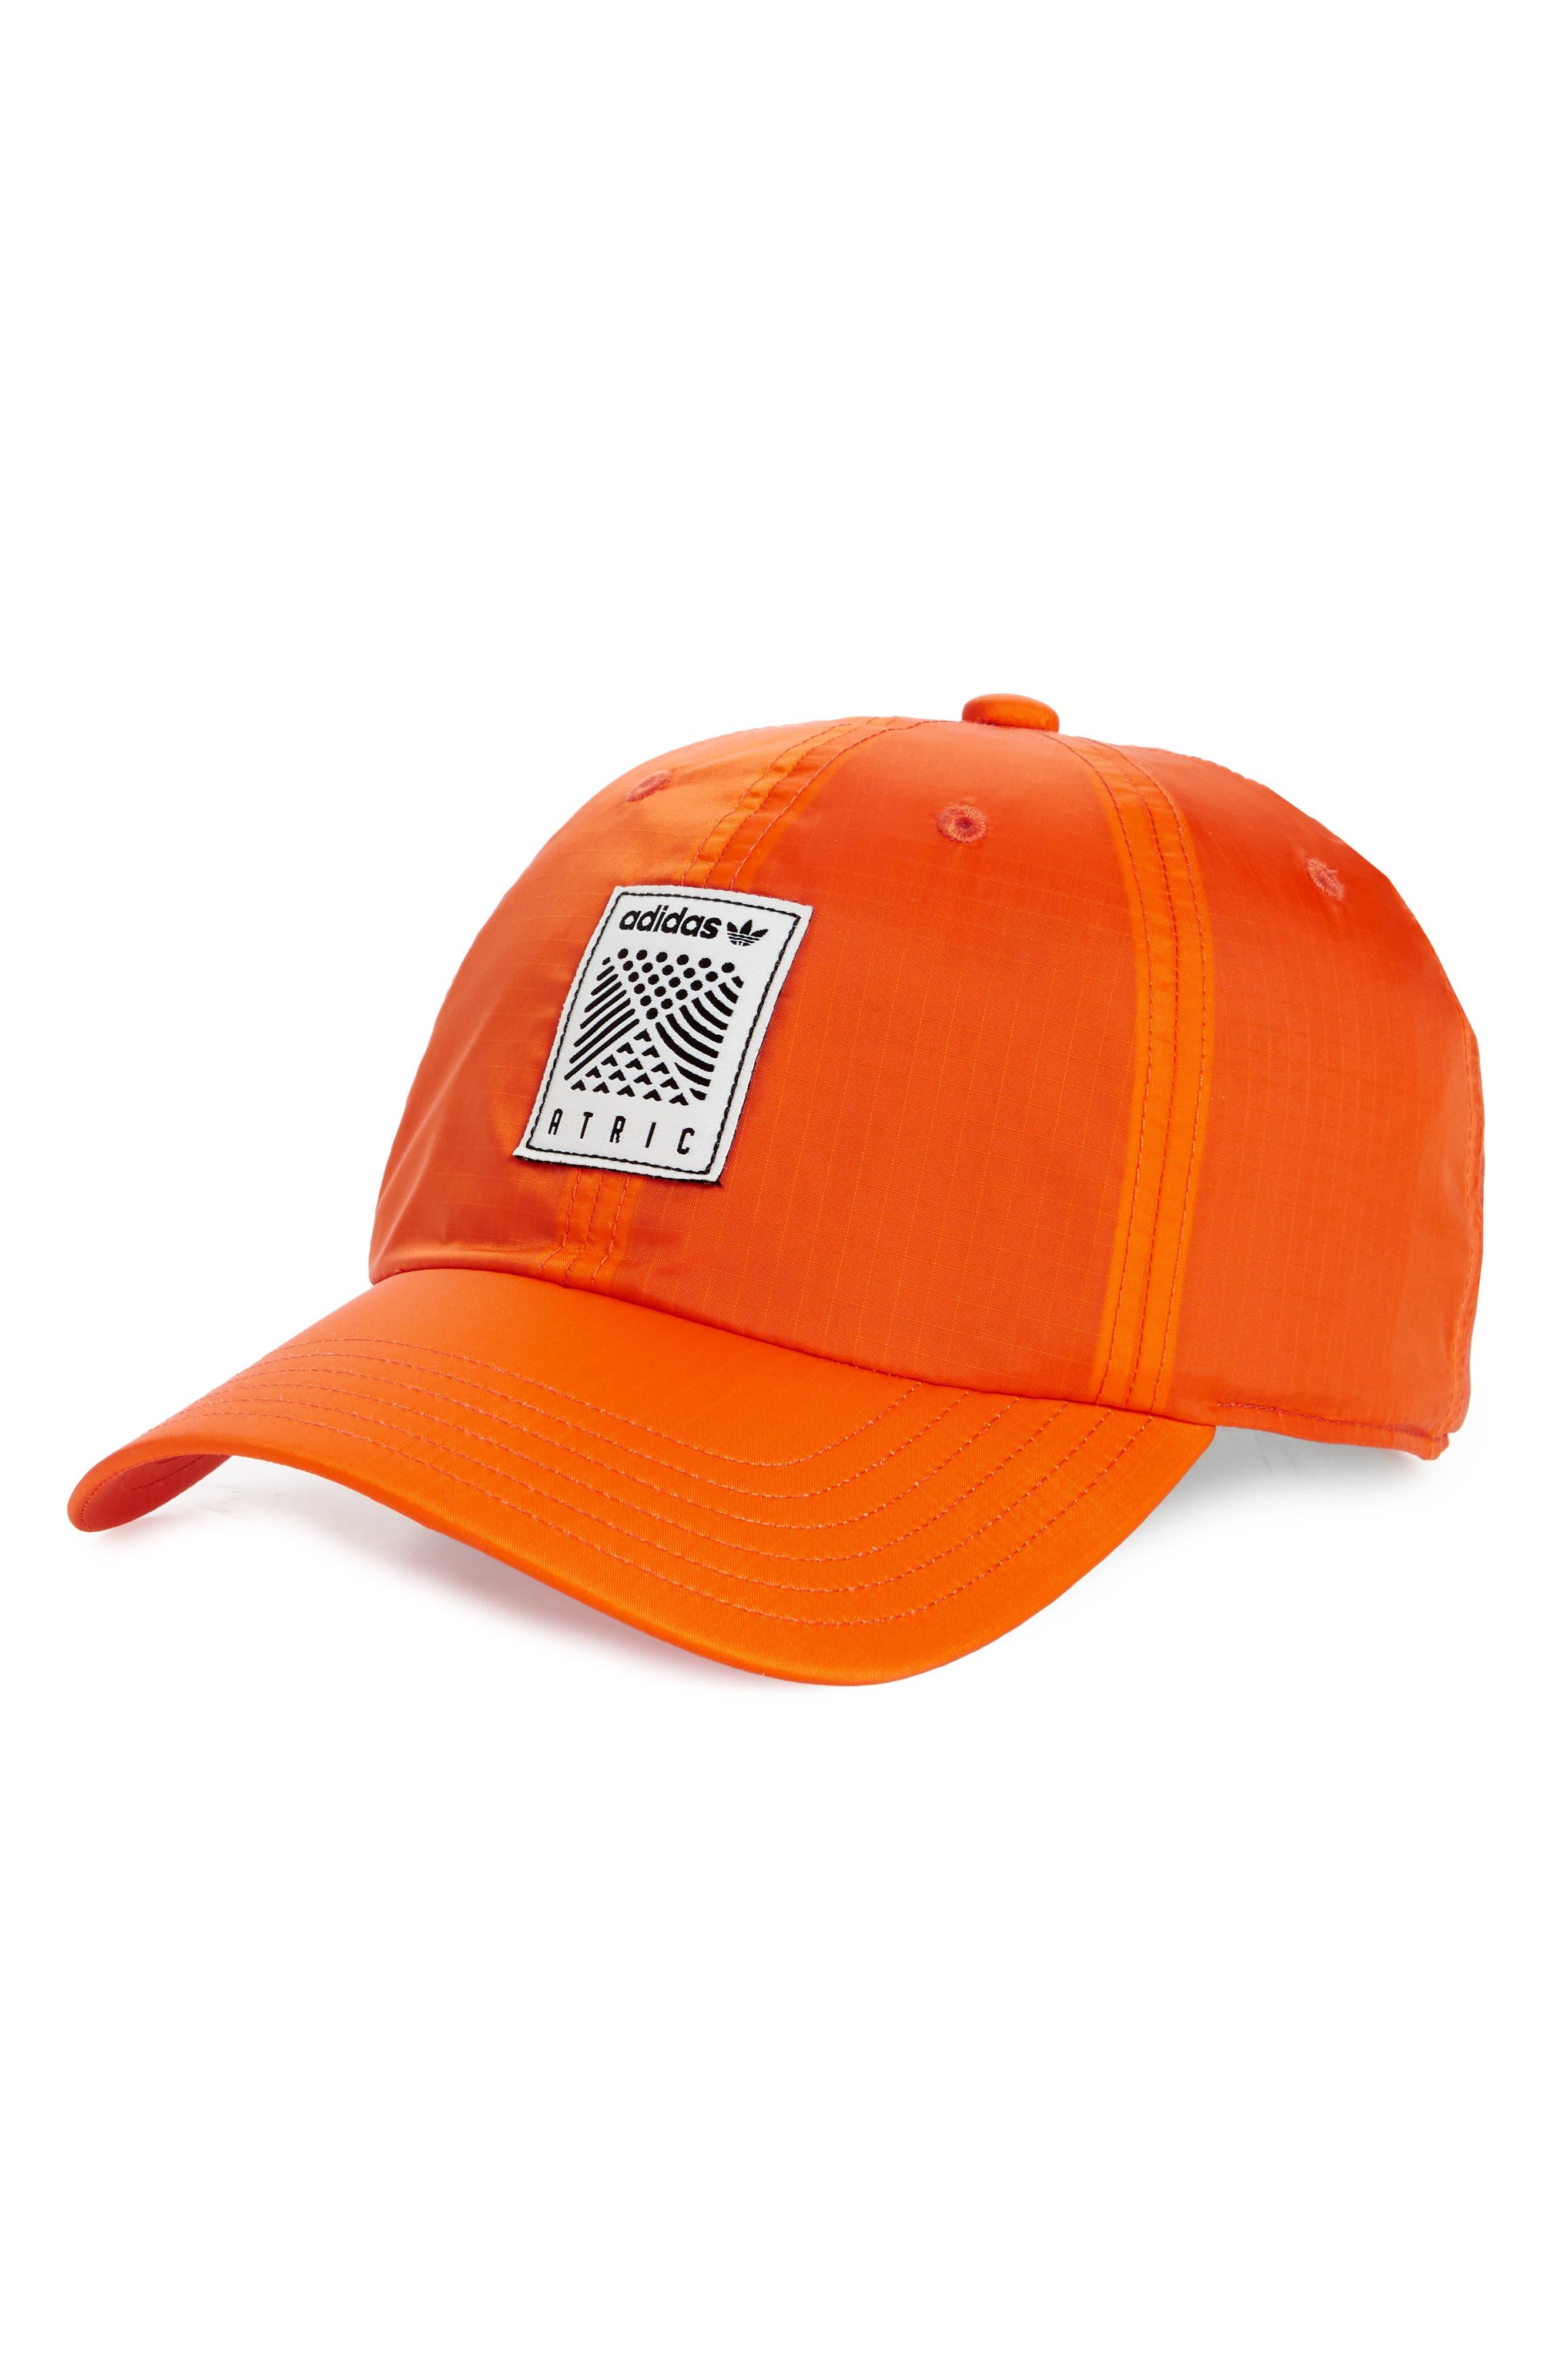 f7ae35b44f0 Men s Adidas Originals Hats